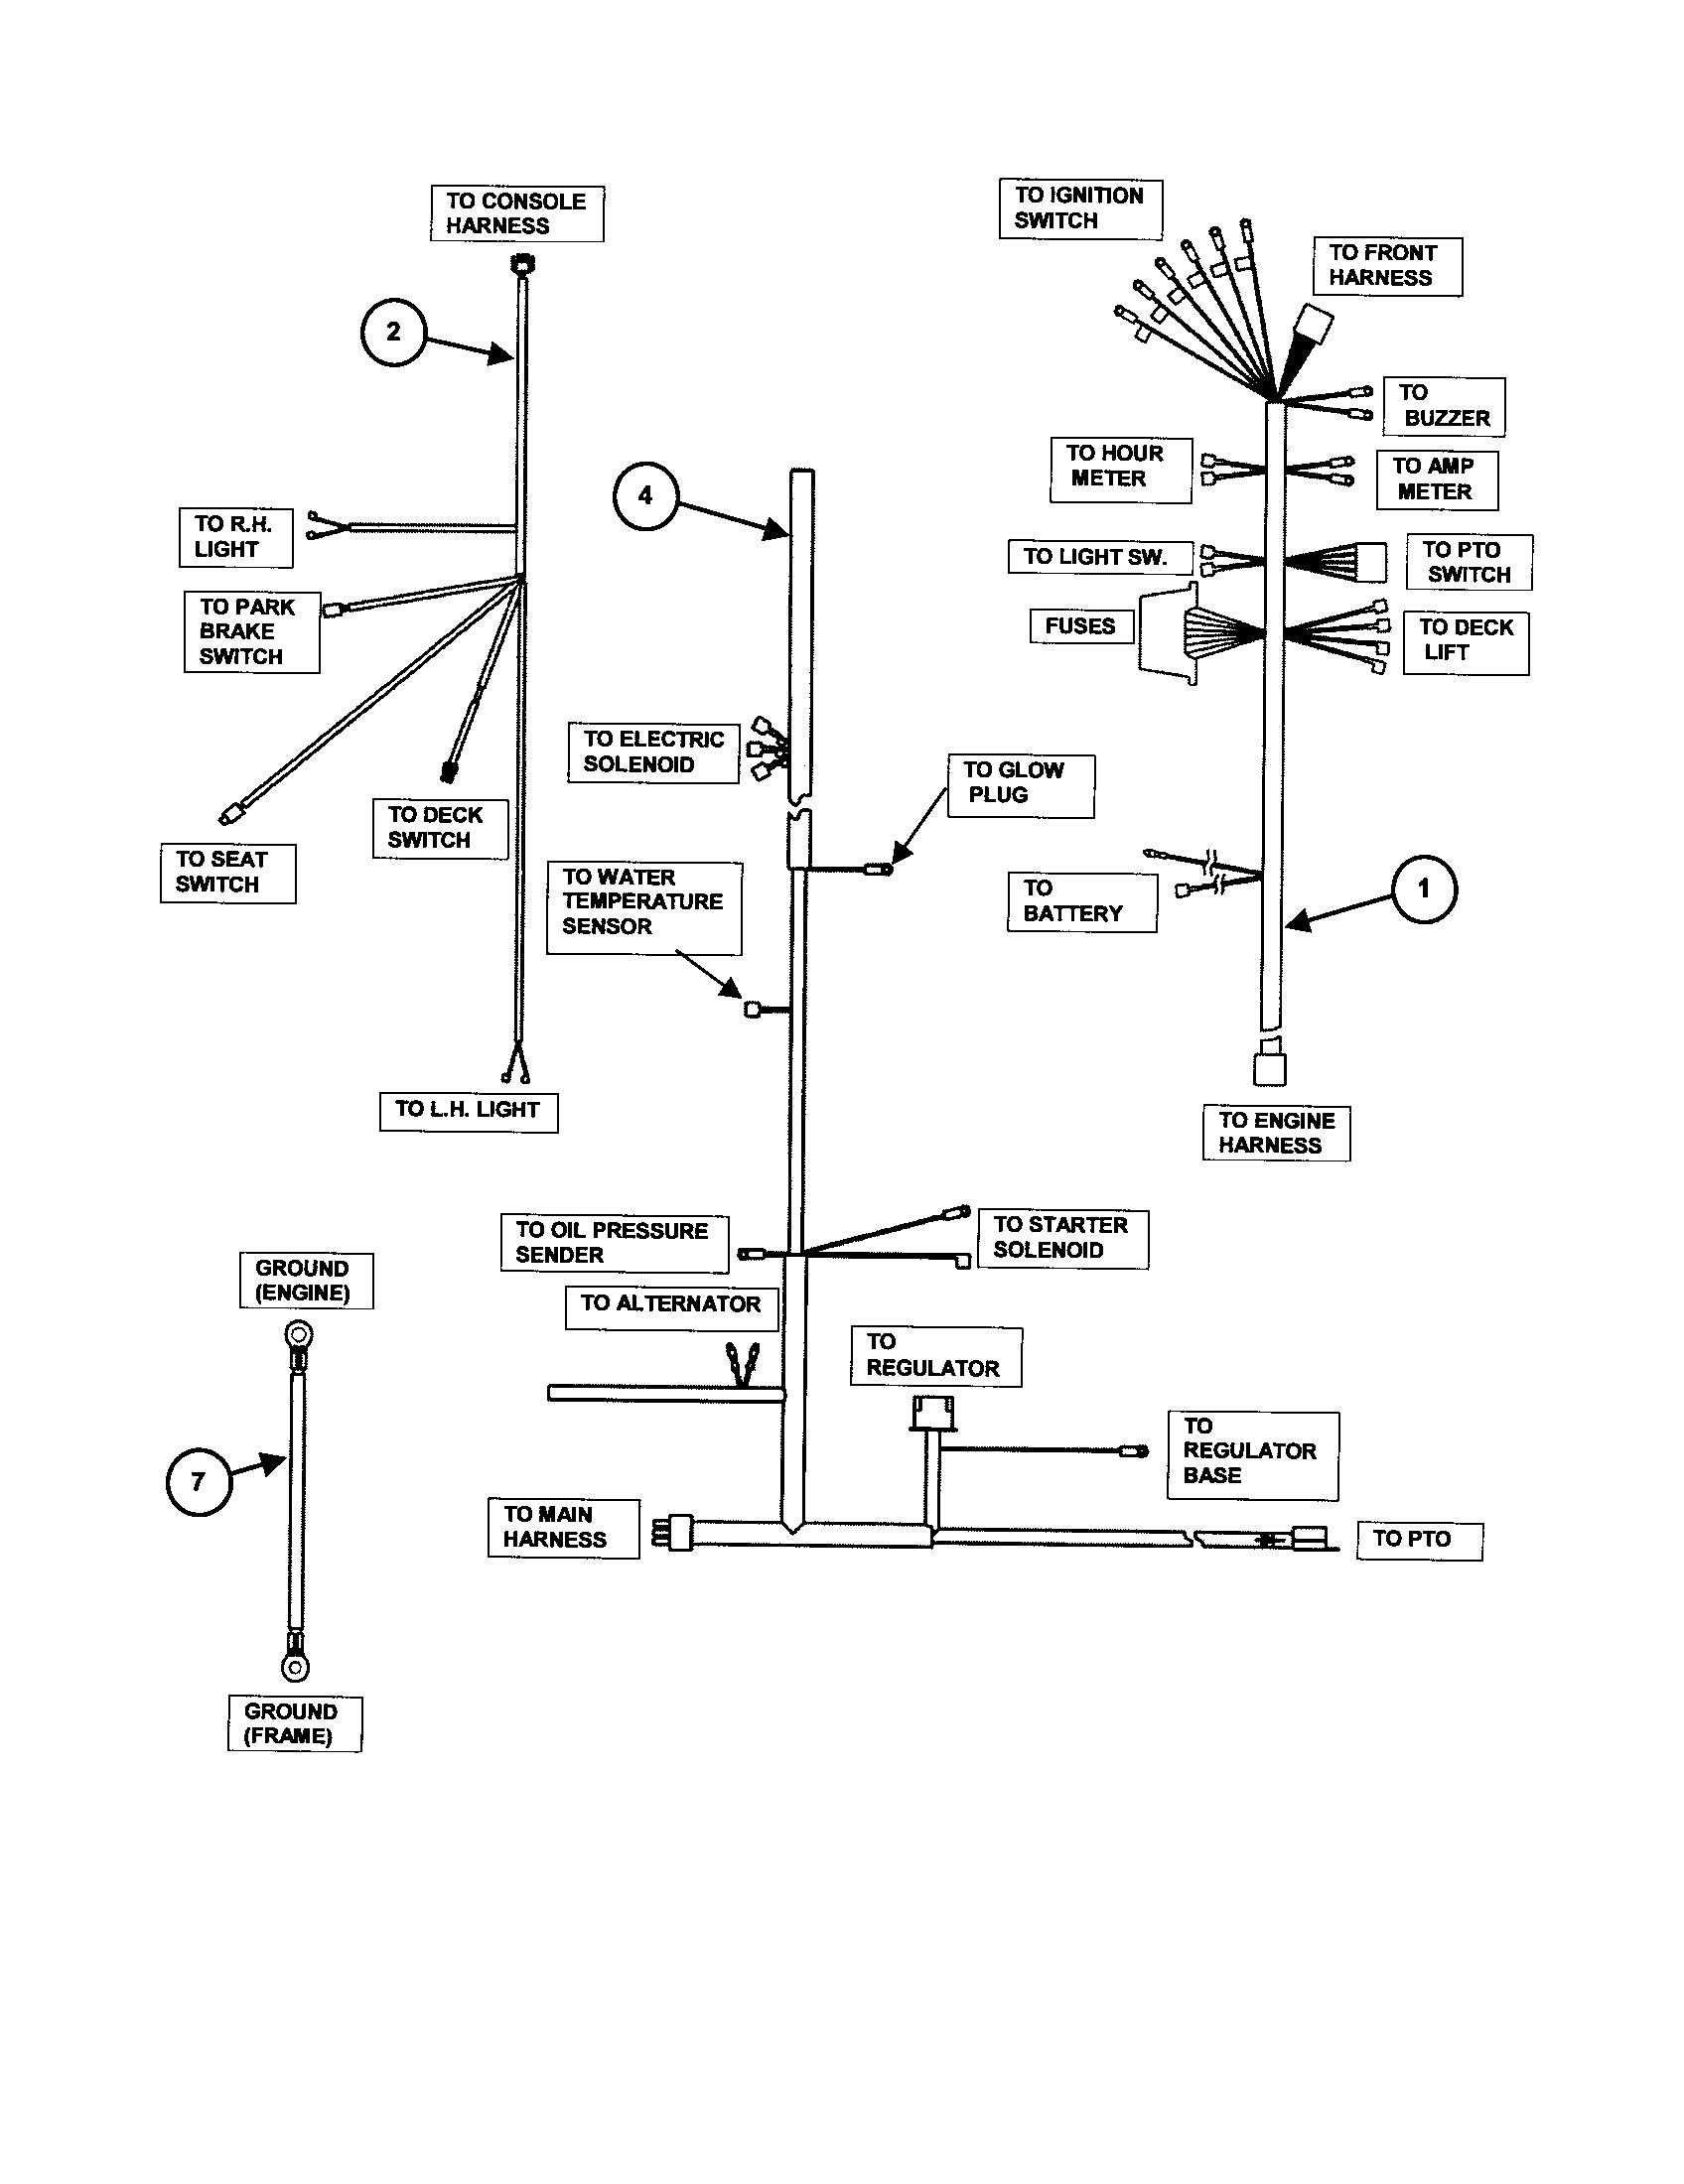 Kubota 1500 Wiring Diagram Whole House Transfer Switch Wiring – Kubota 7800 Wiring Diagram Pdf